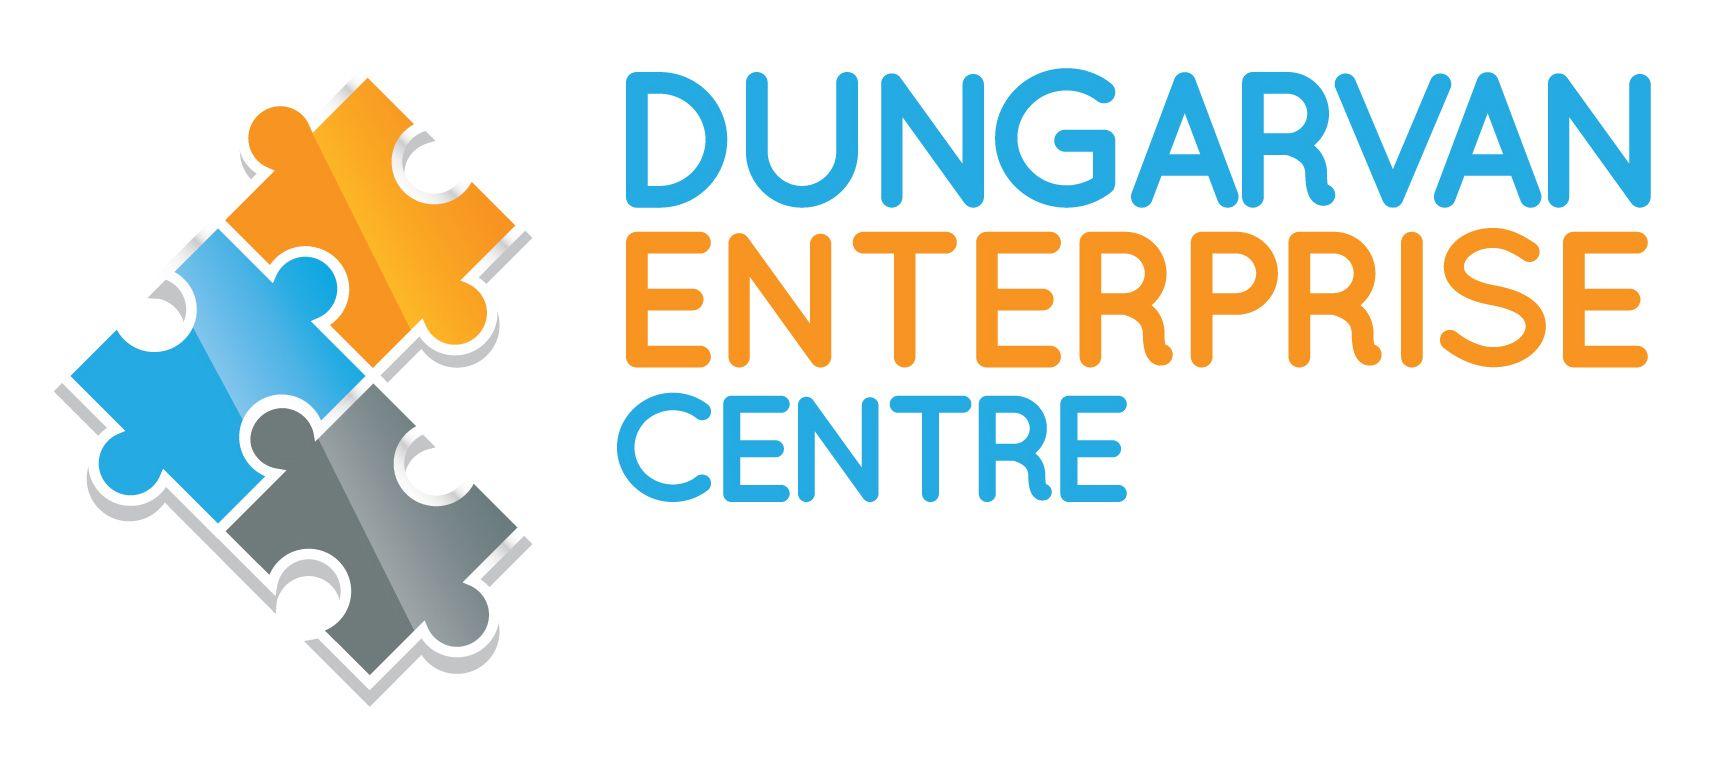 Dungarvan Enterprise Centre